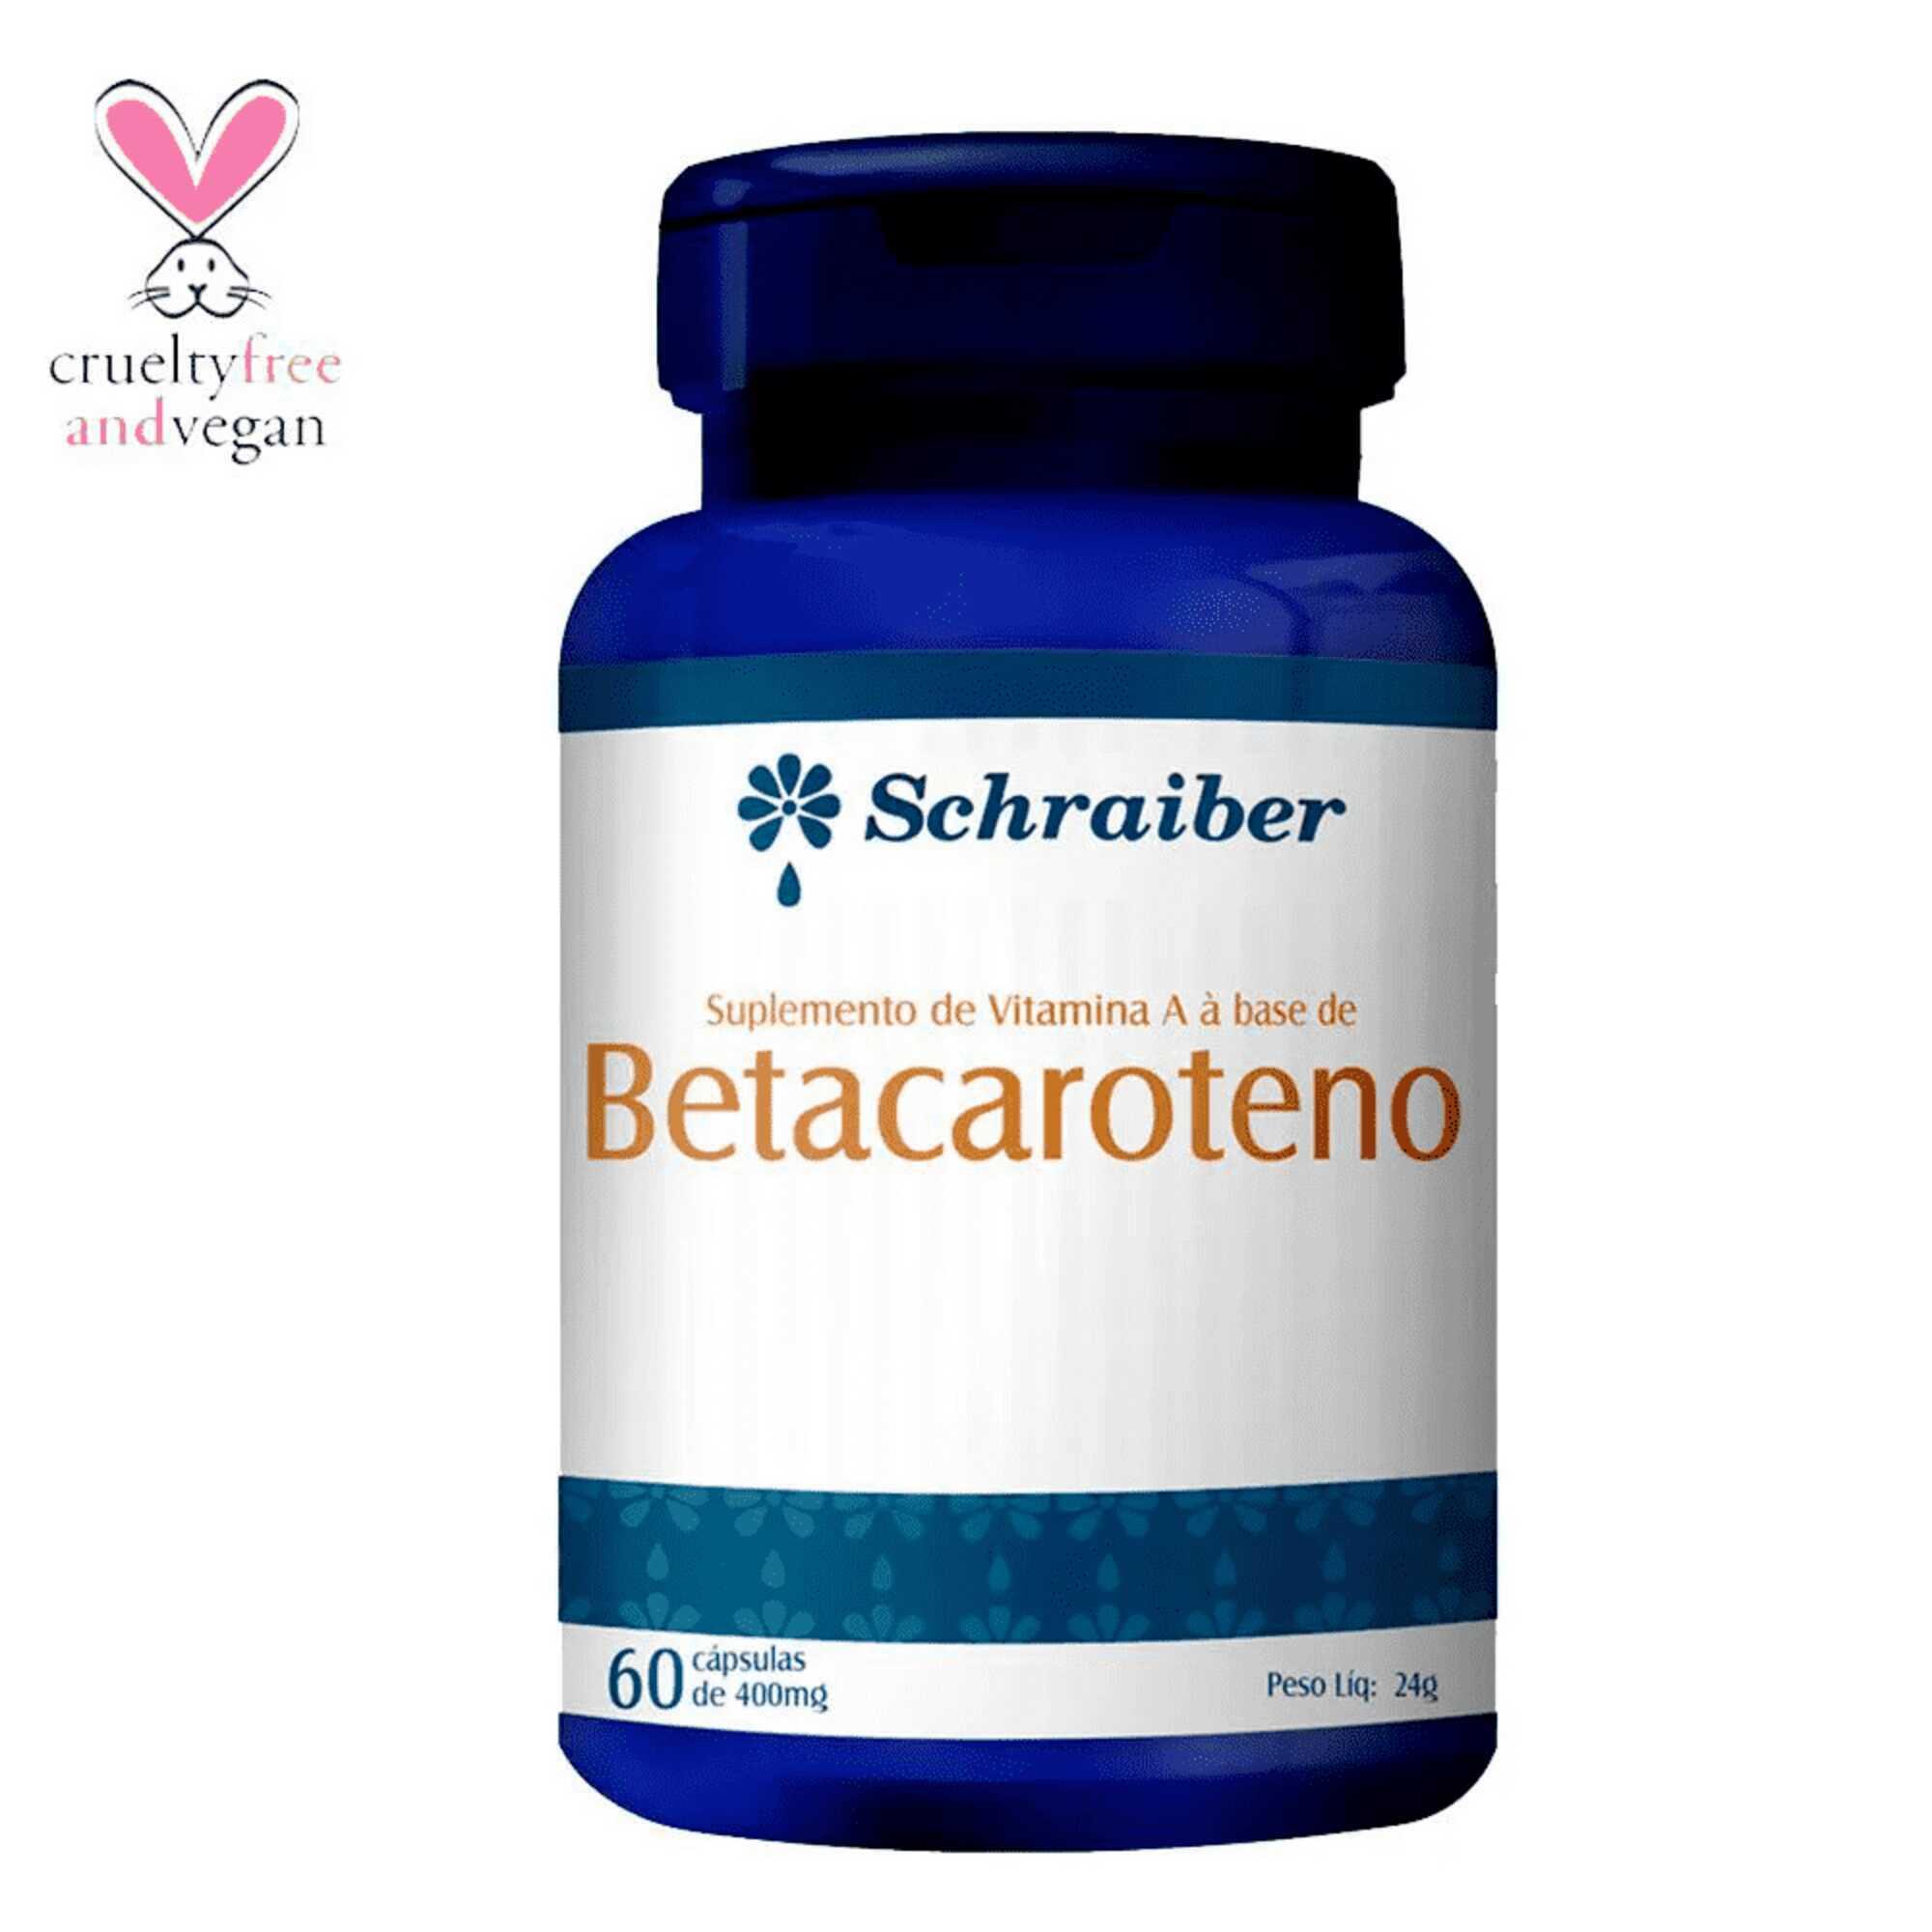 Vitamina A + Betacaroteno 400mg 60 Cápsulas Schraiber